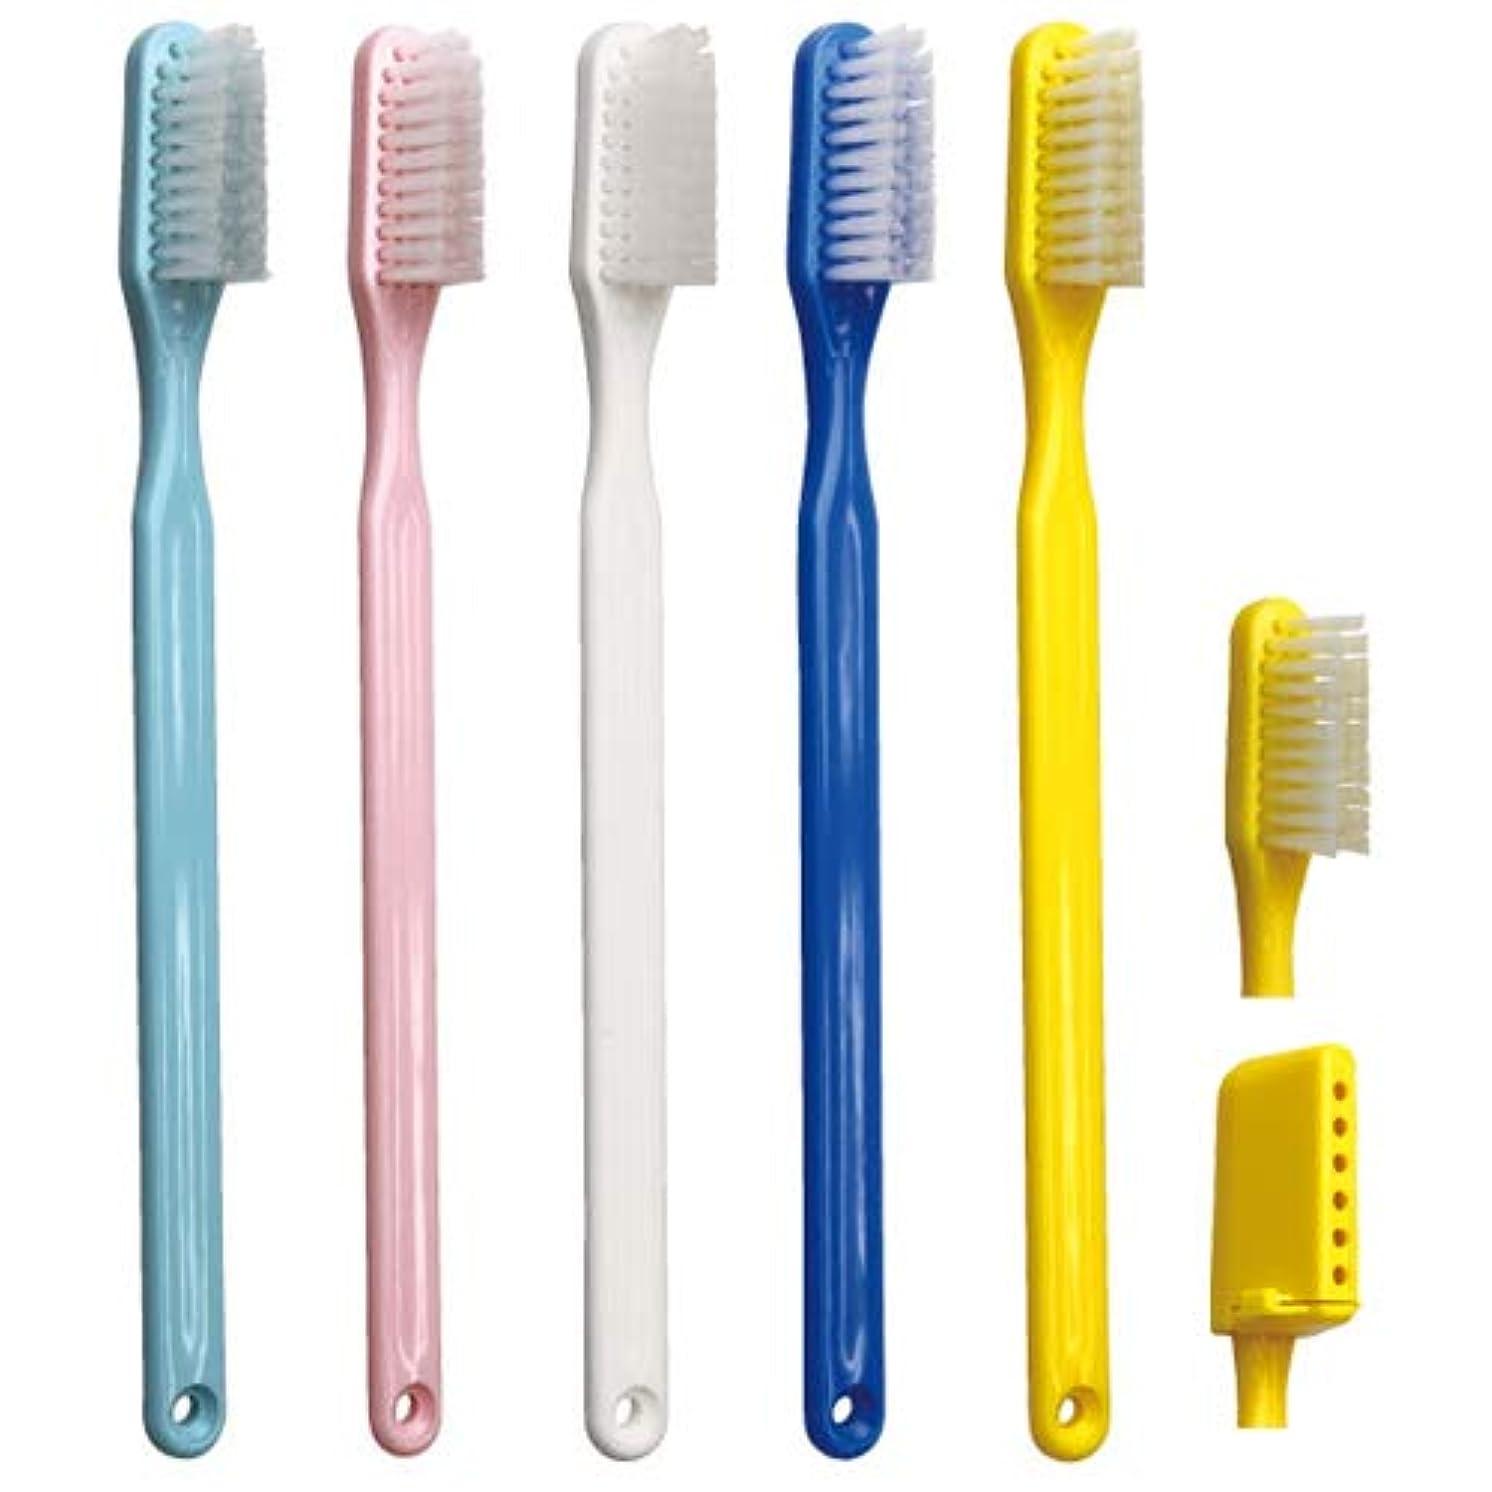 見つけた敬な住む歯科医院専用商品 PHB 歯ブラシ アダルト5本セット( 歯ブラシキャップ付)ライトブルー?ピンク?ホワイト?ネオンブルー?イエロー